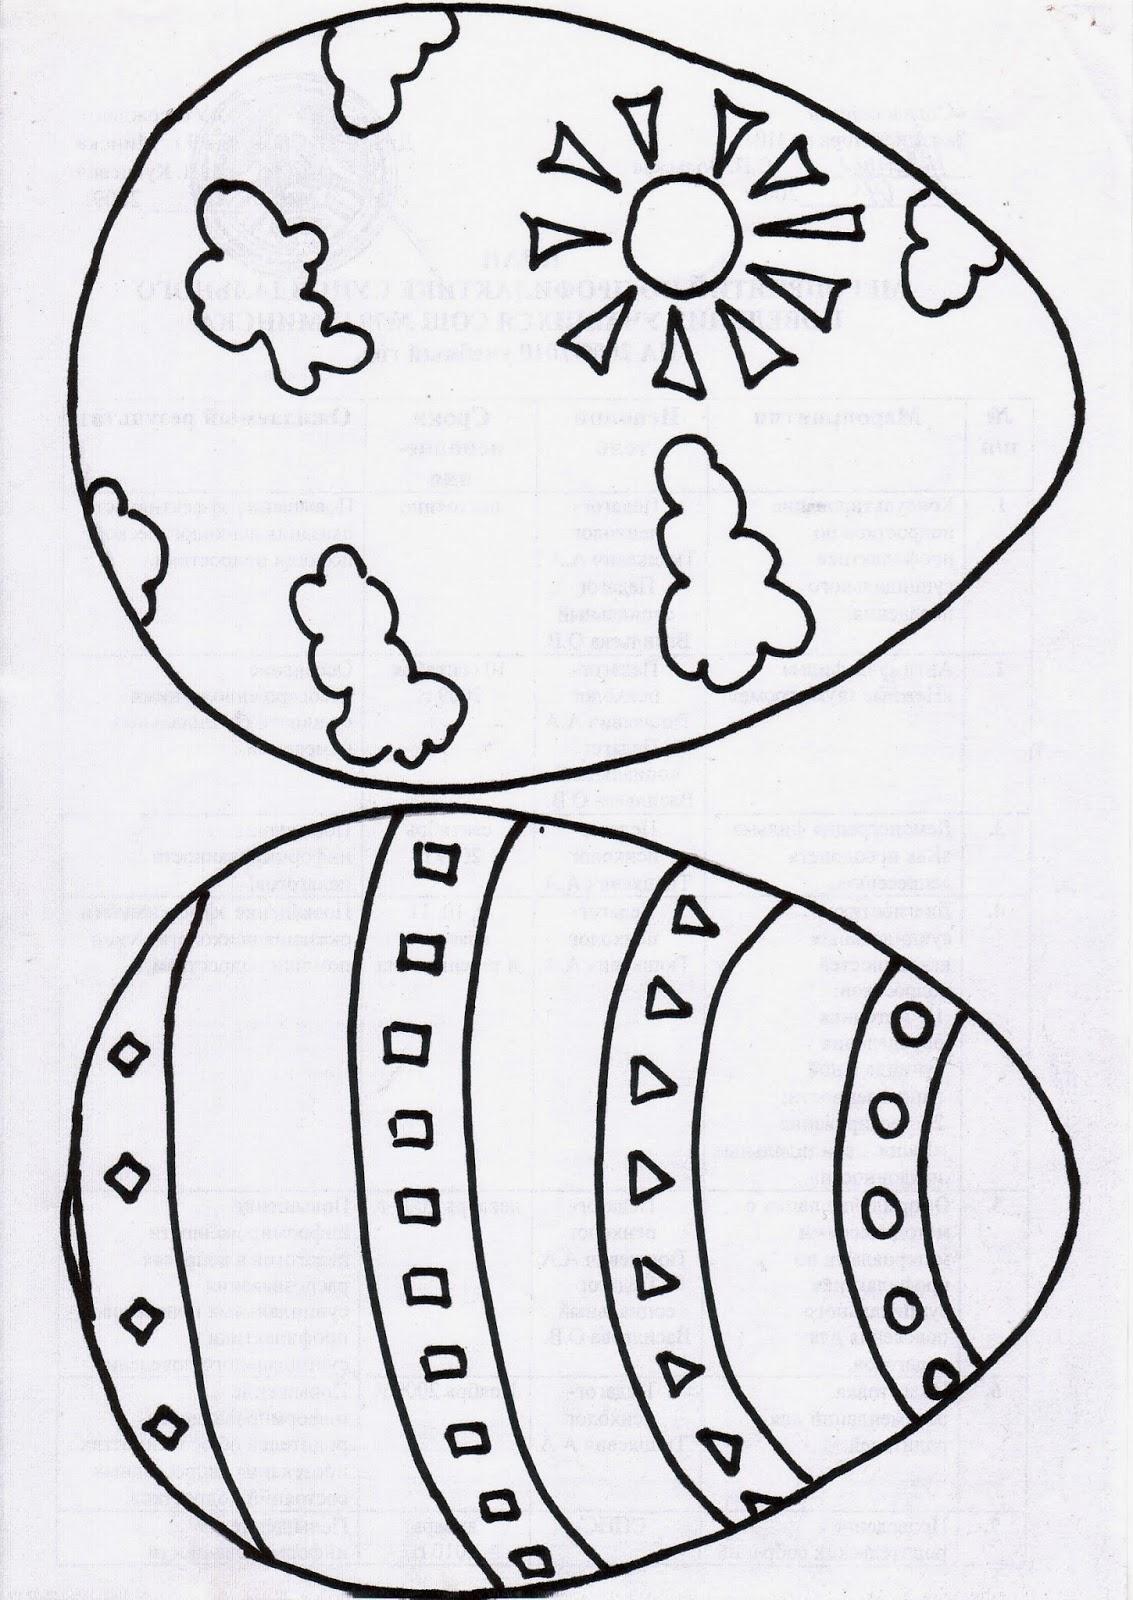 шаблон раскраски, распечатать пасхальную раскраску, раскраска для малышей